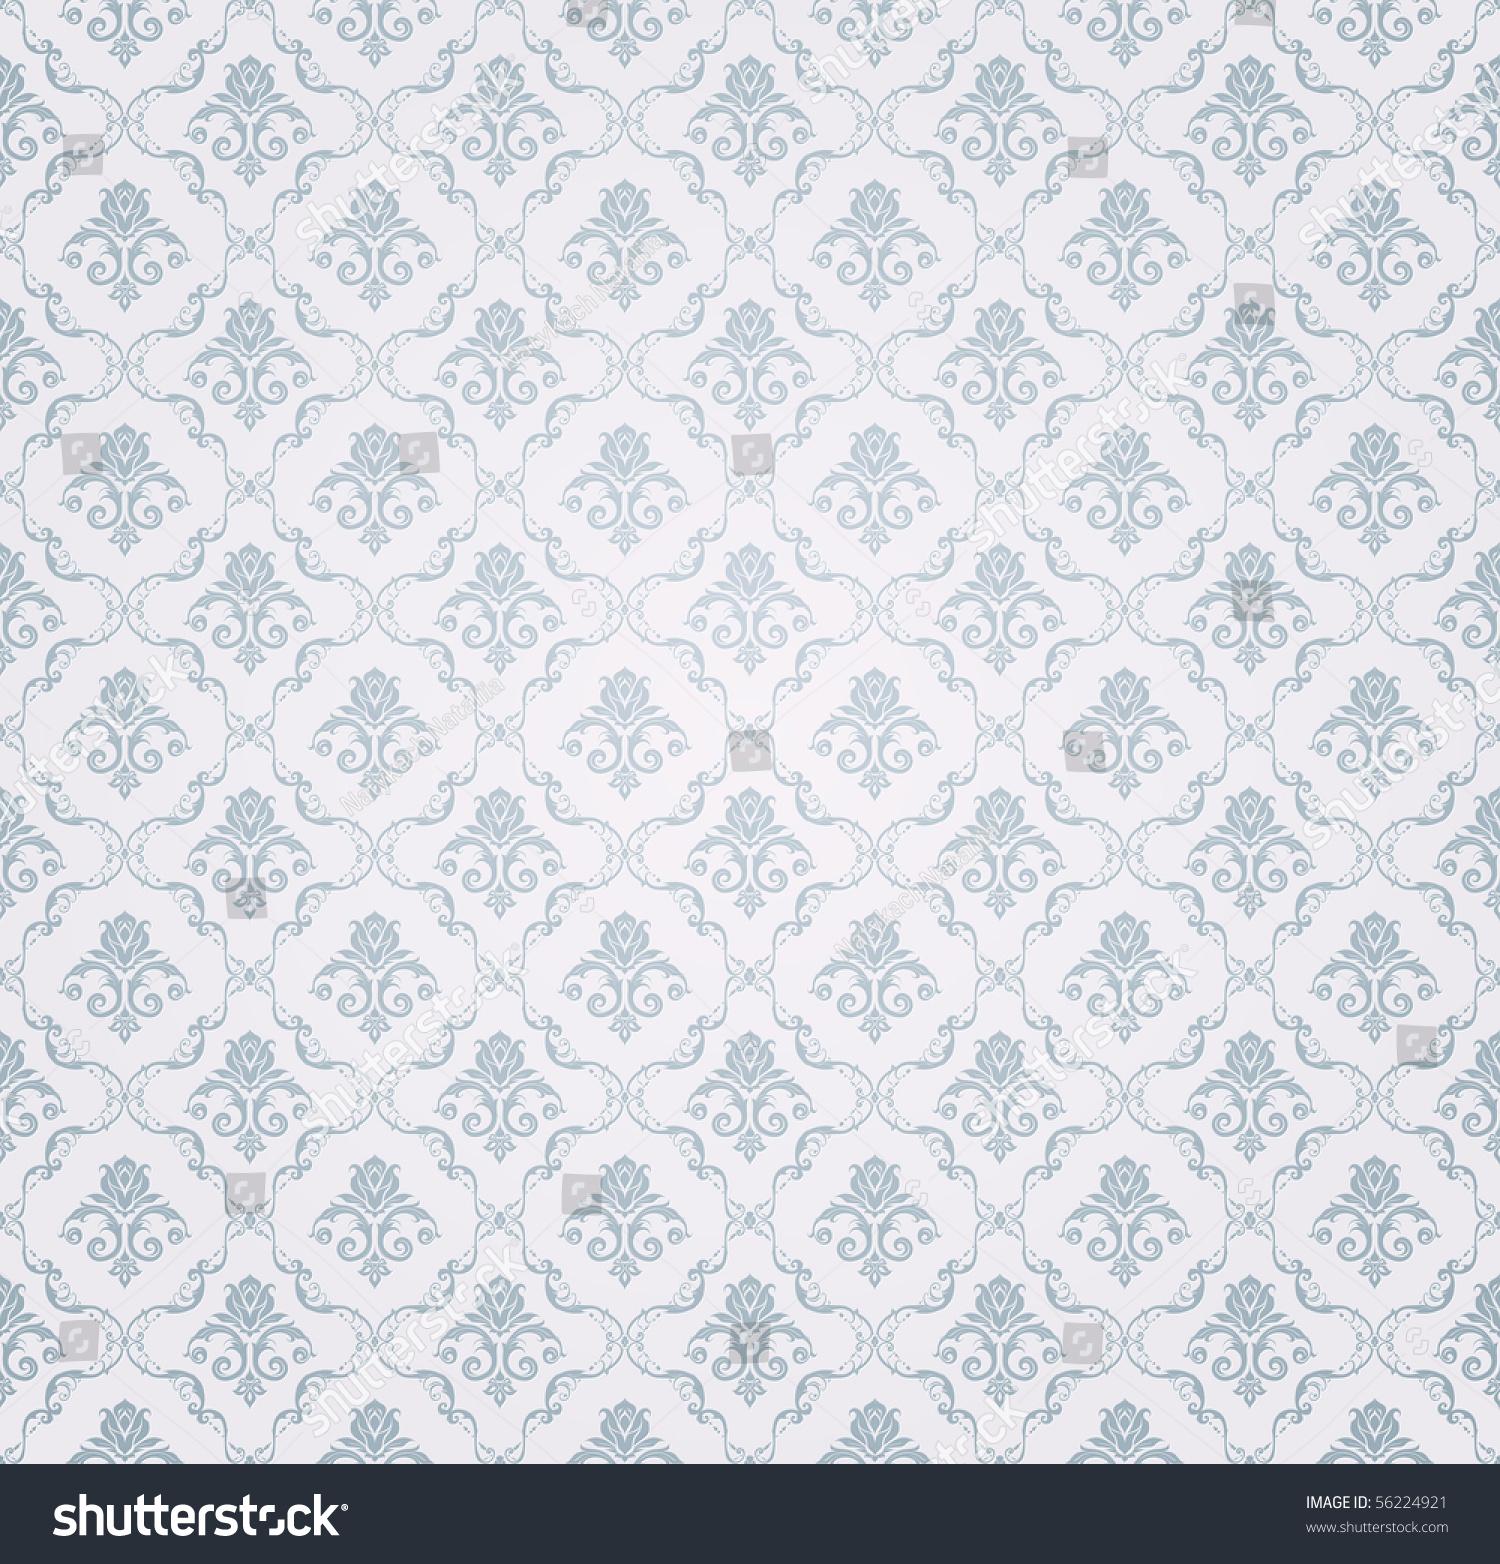 蓝色无缝壁纸图案,向量-背景/素材